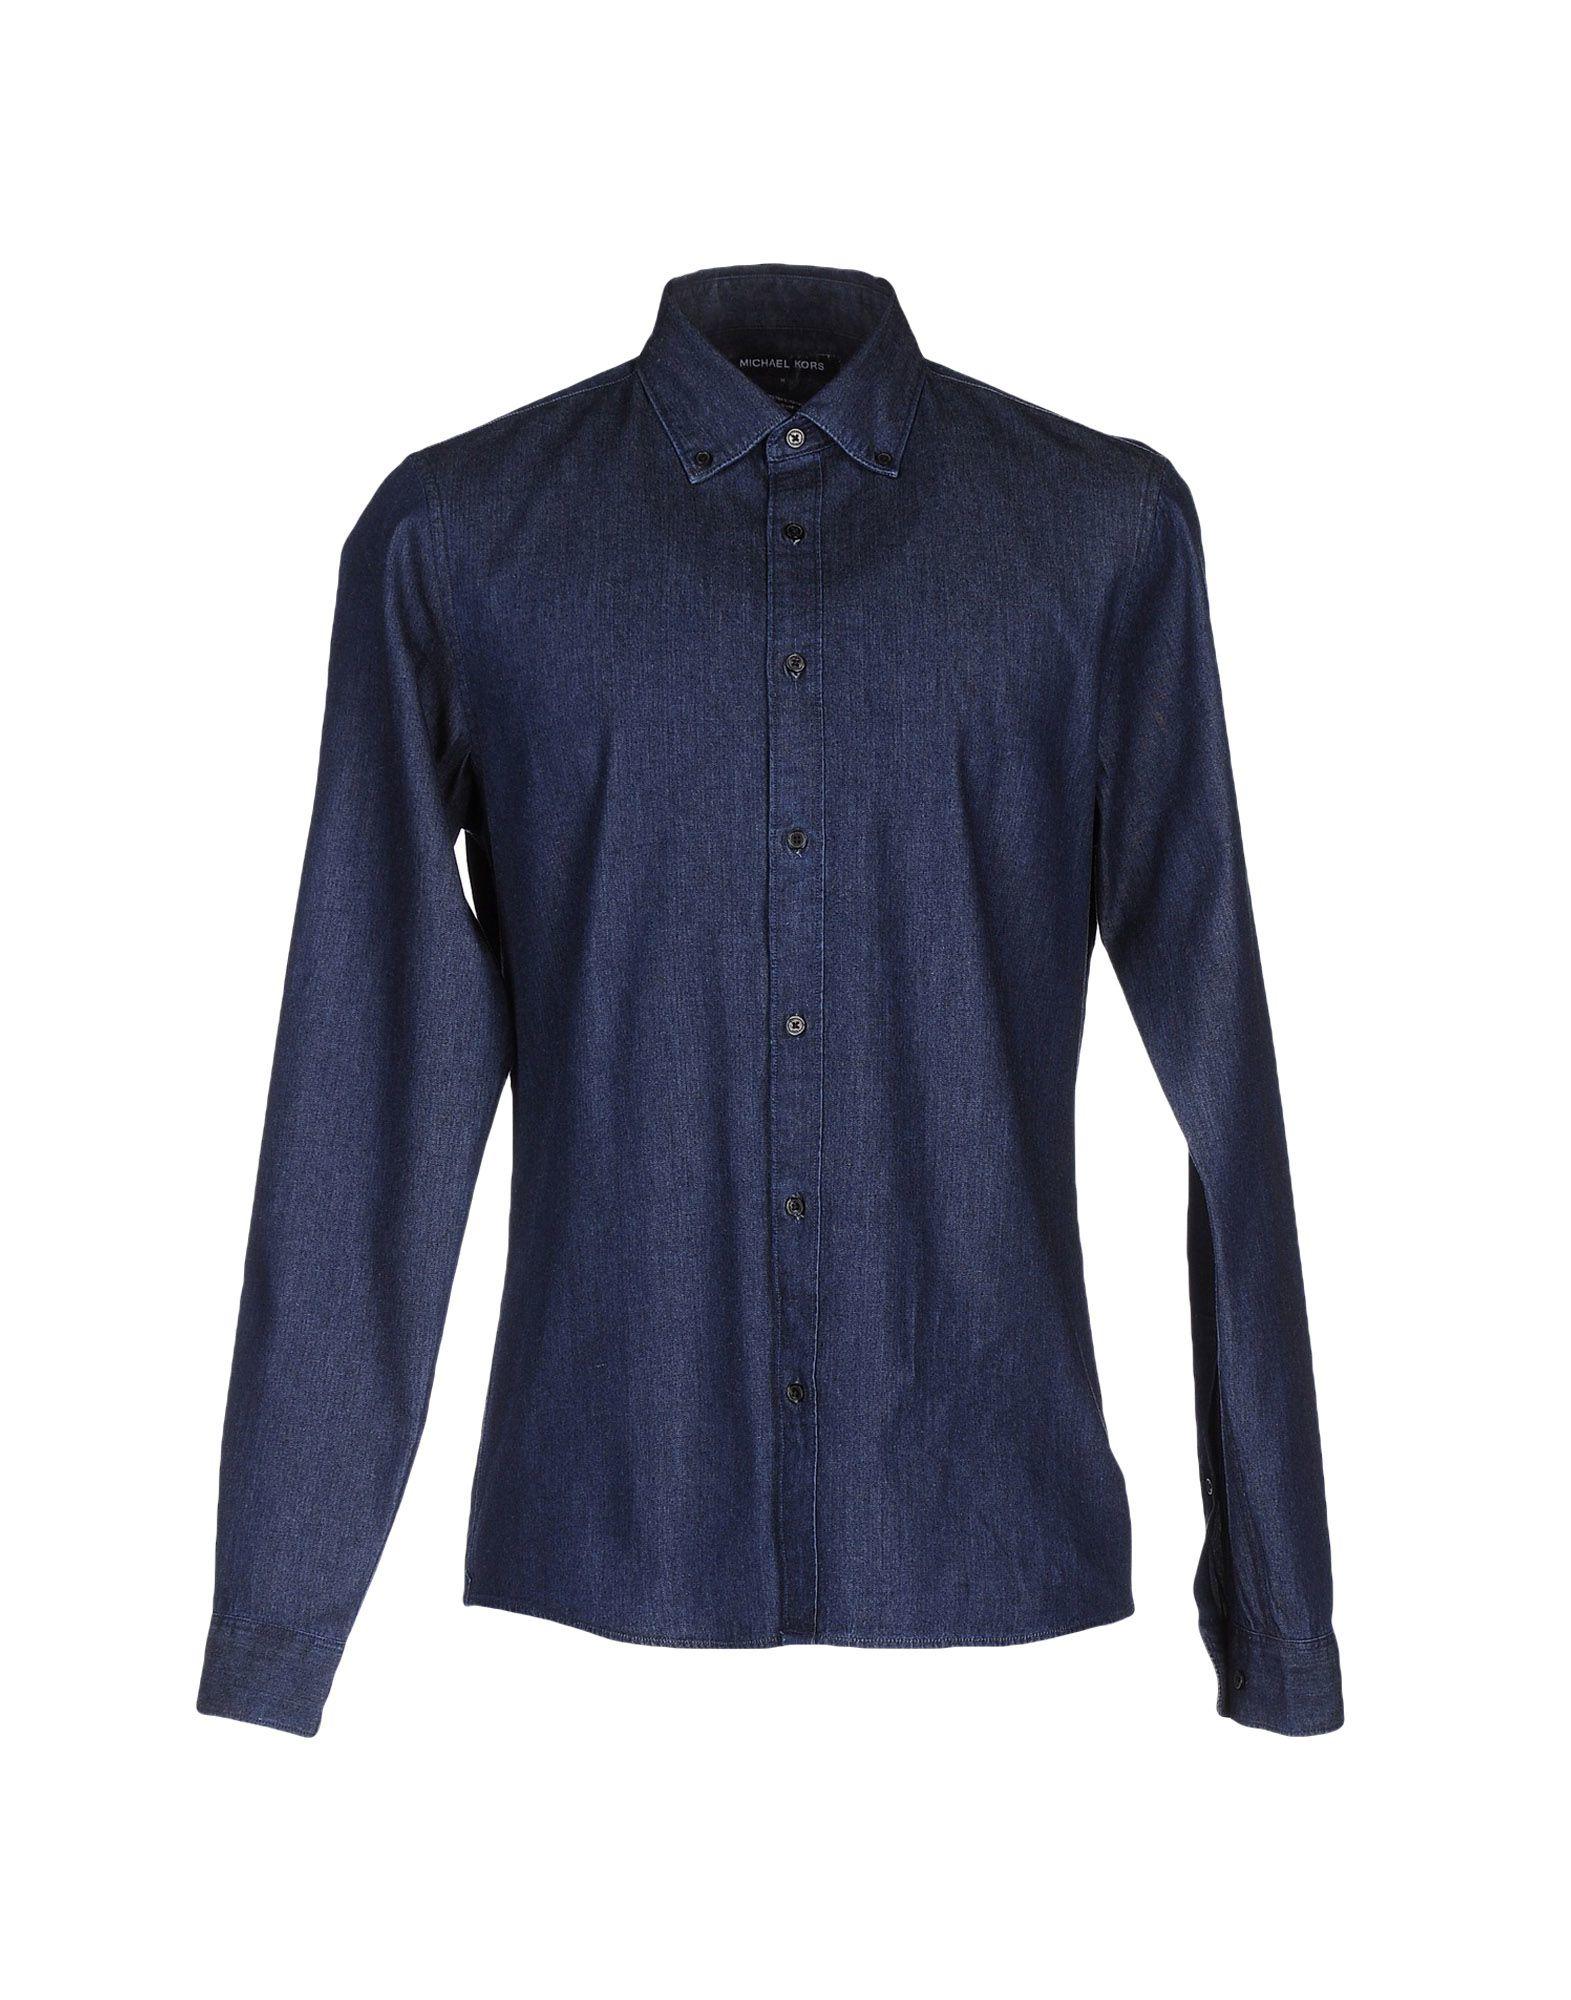 michael kors denim shirt in blue for men lyst. Black Bedroom Furniture Sets. Home Design Ideas